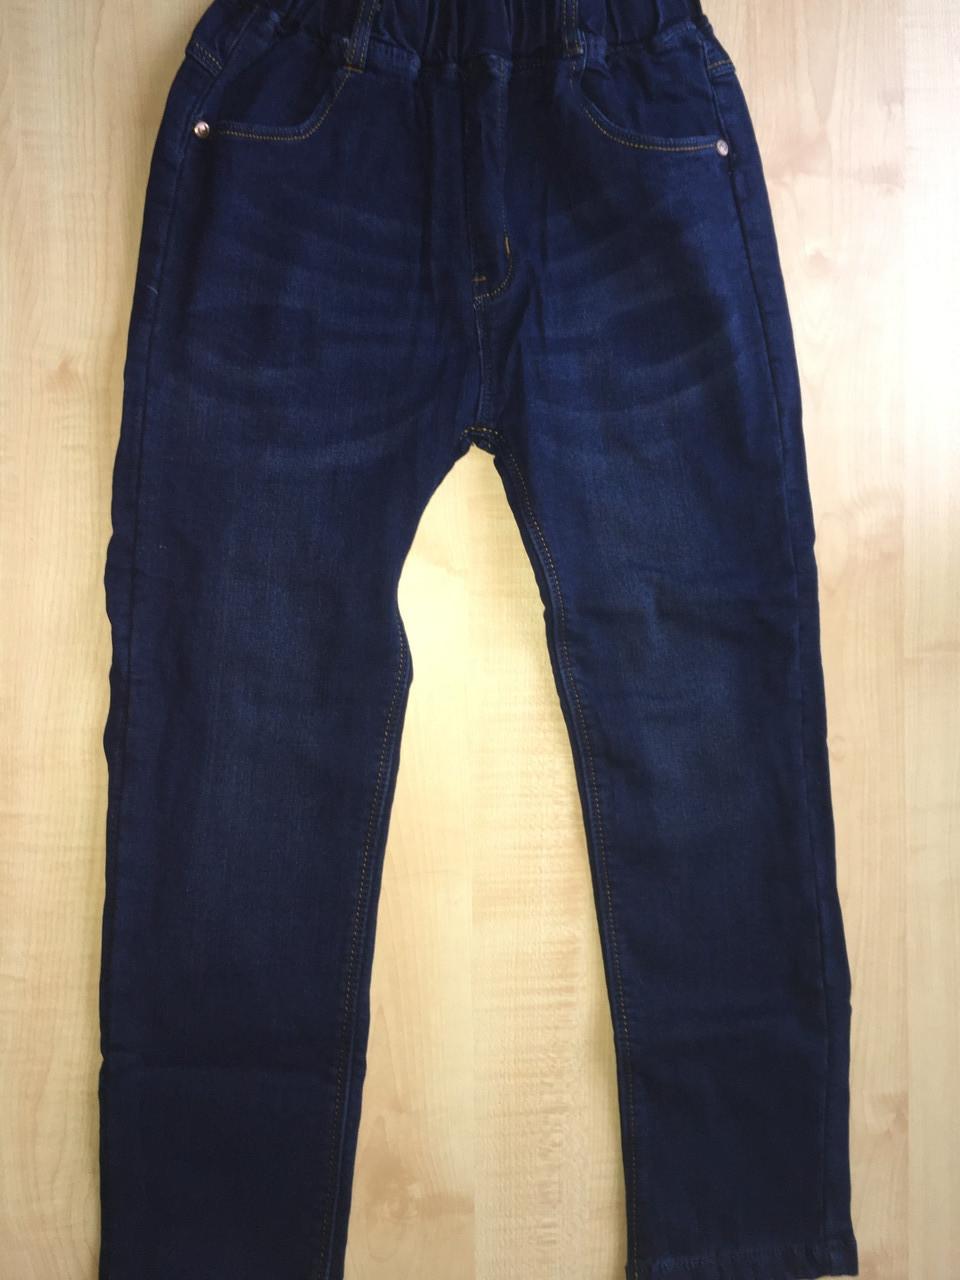 Утепленные джинсы на мальчика CQ LEVENDER, Венгрия